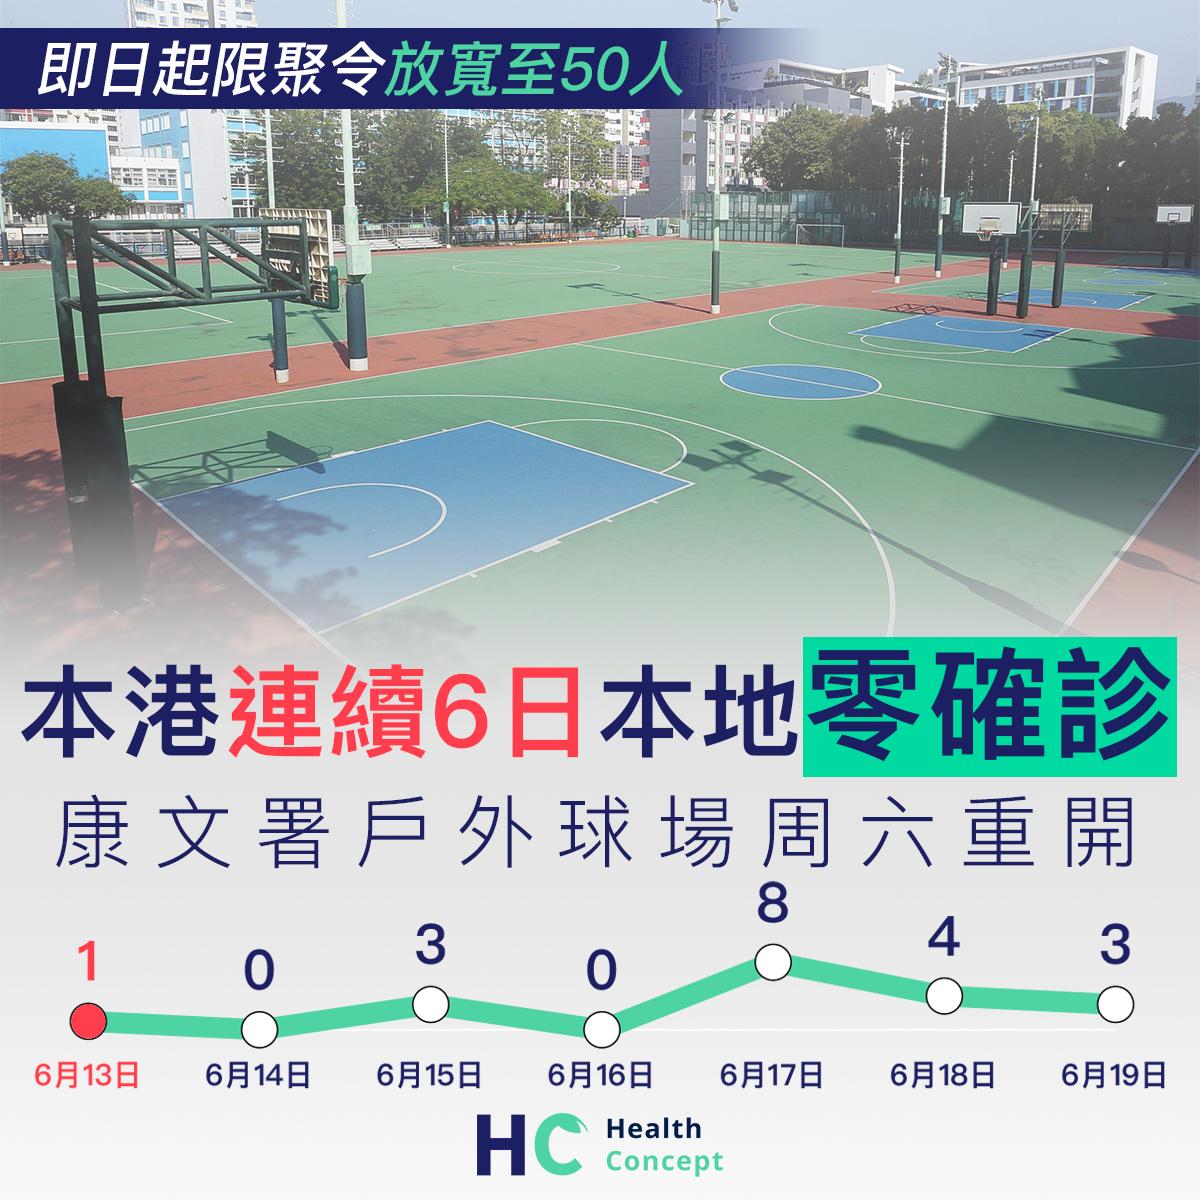 【#新型肺炎】本港連續6日本地零確診 康文署戶外球場周六重開